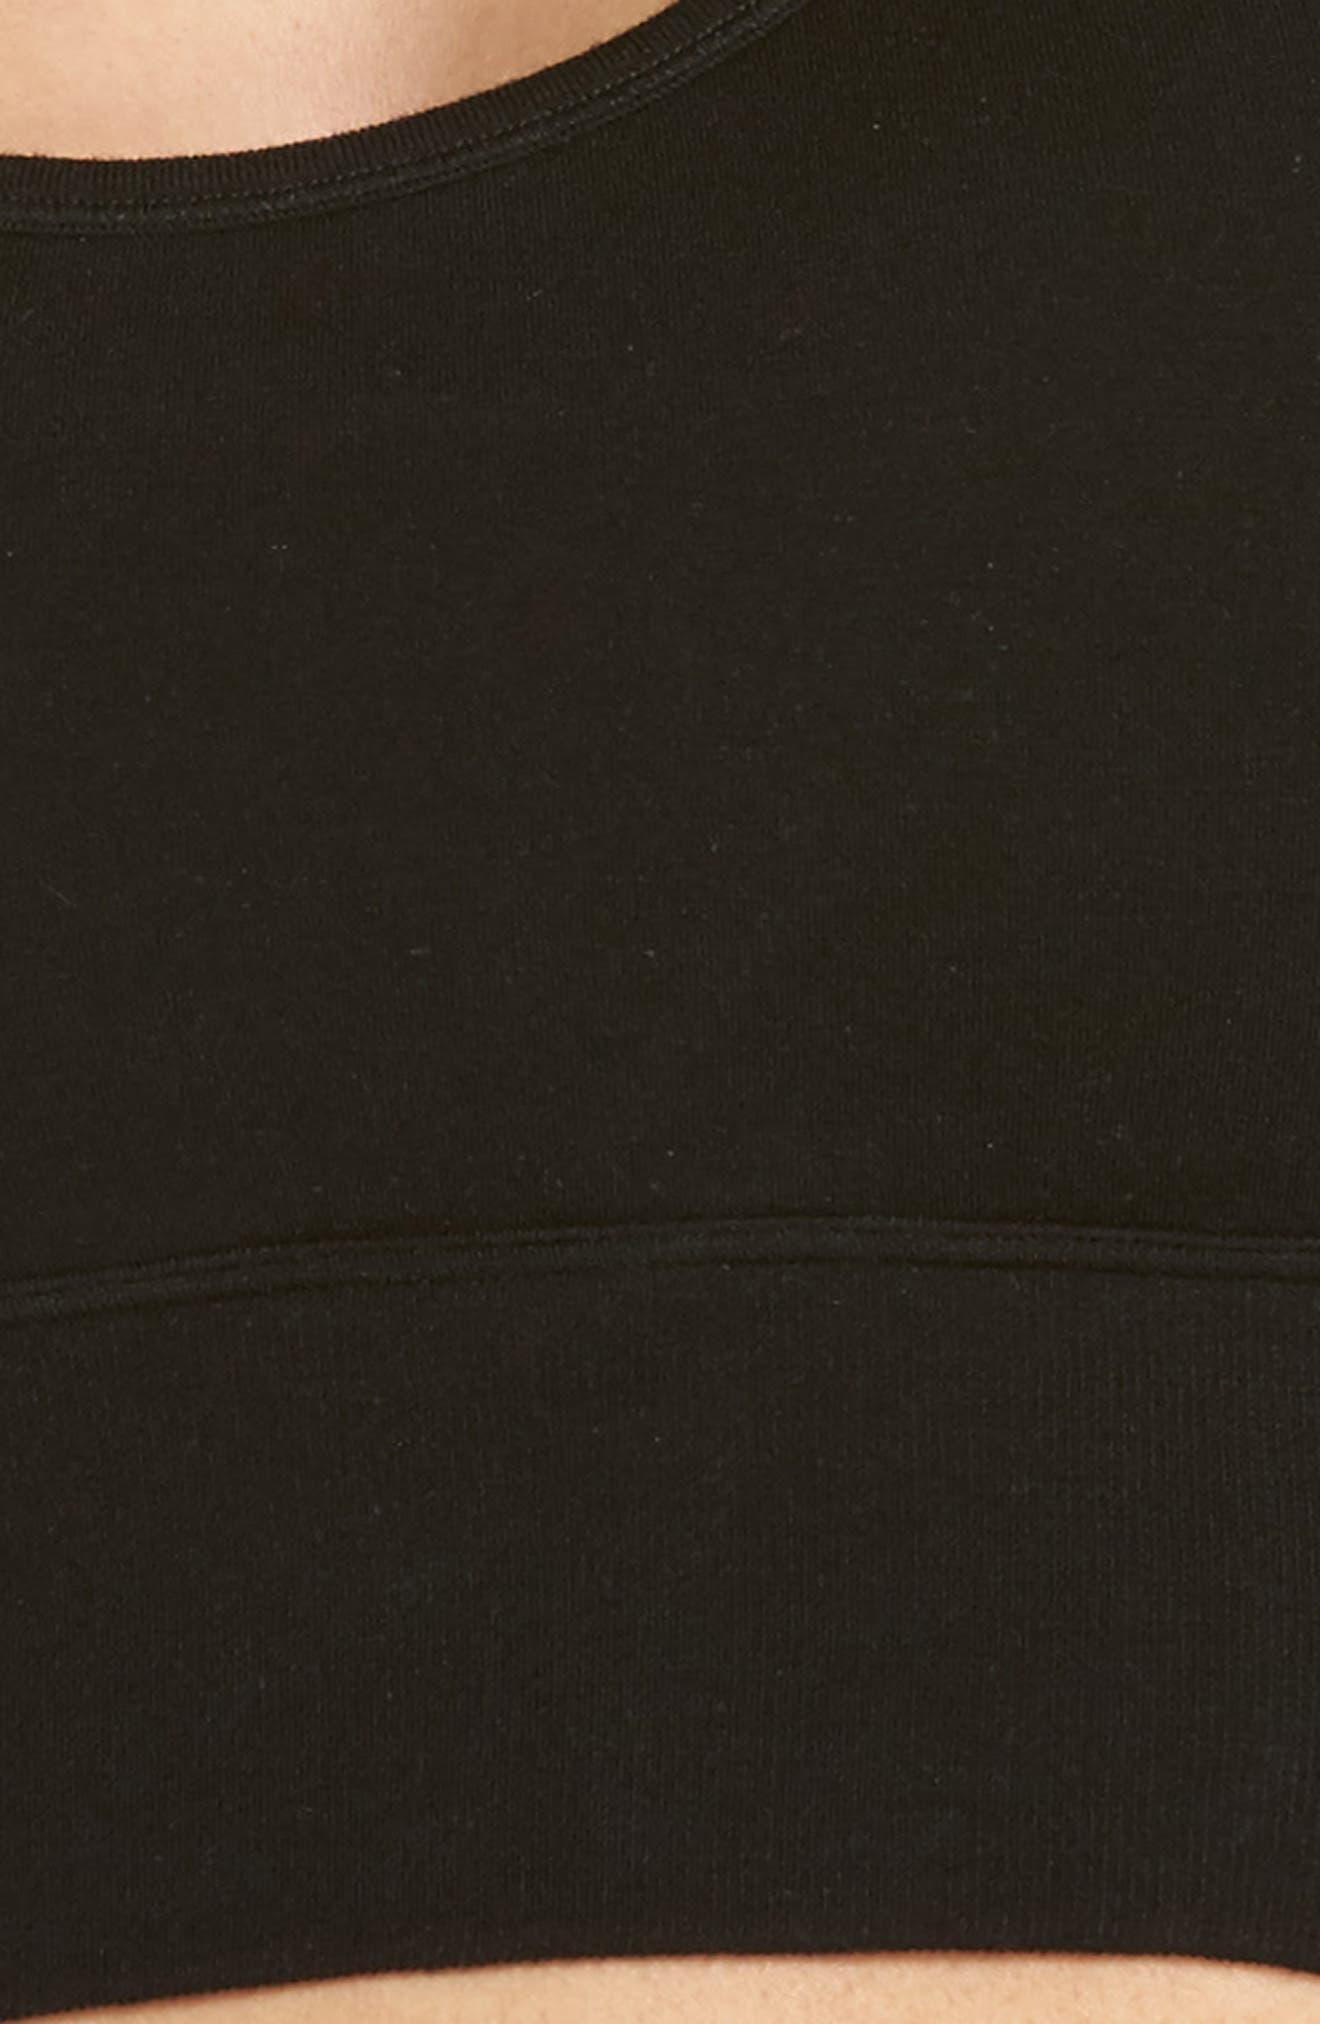 Cross Back Longline Bralette,                             Alternate thumbnail 5, color,                             Black